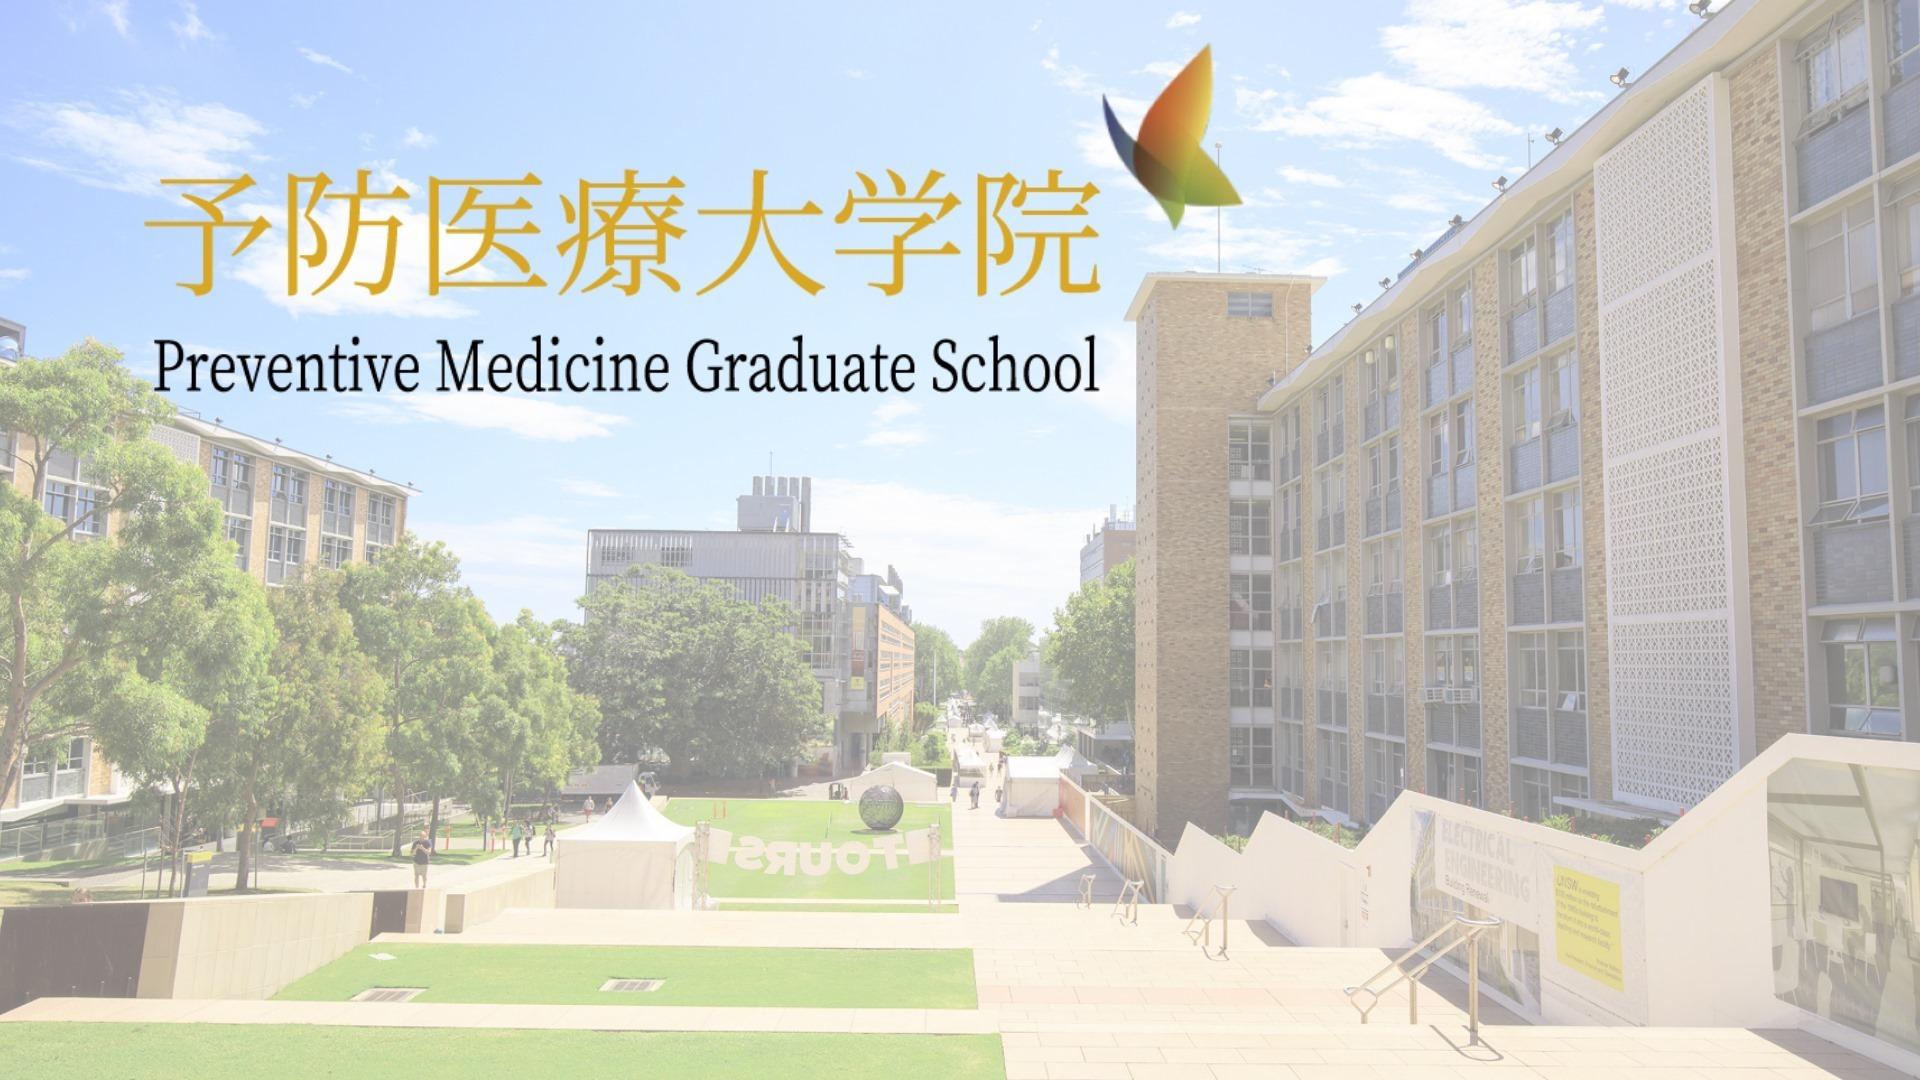 予防医療大学院